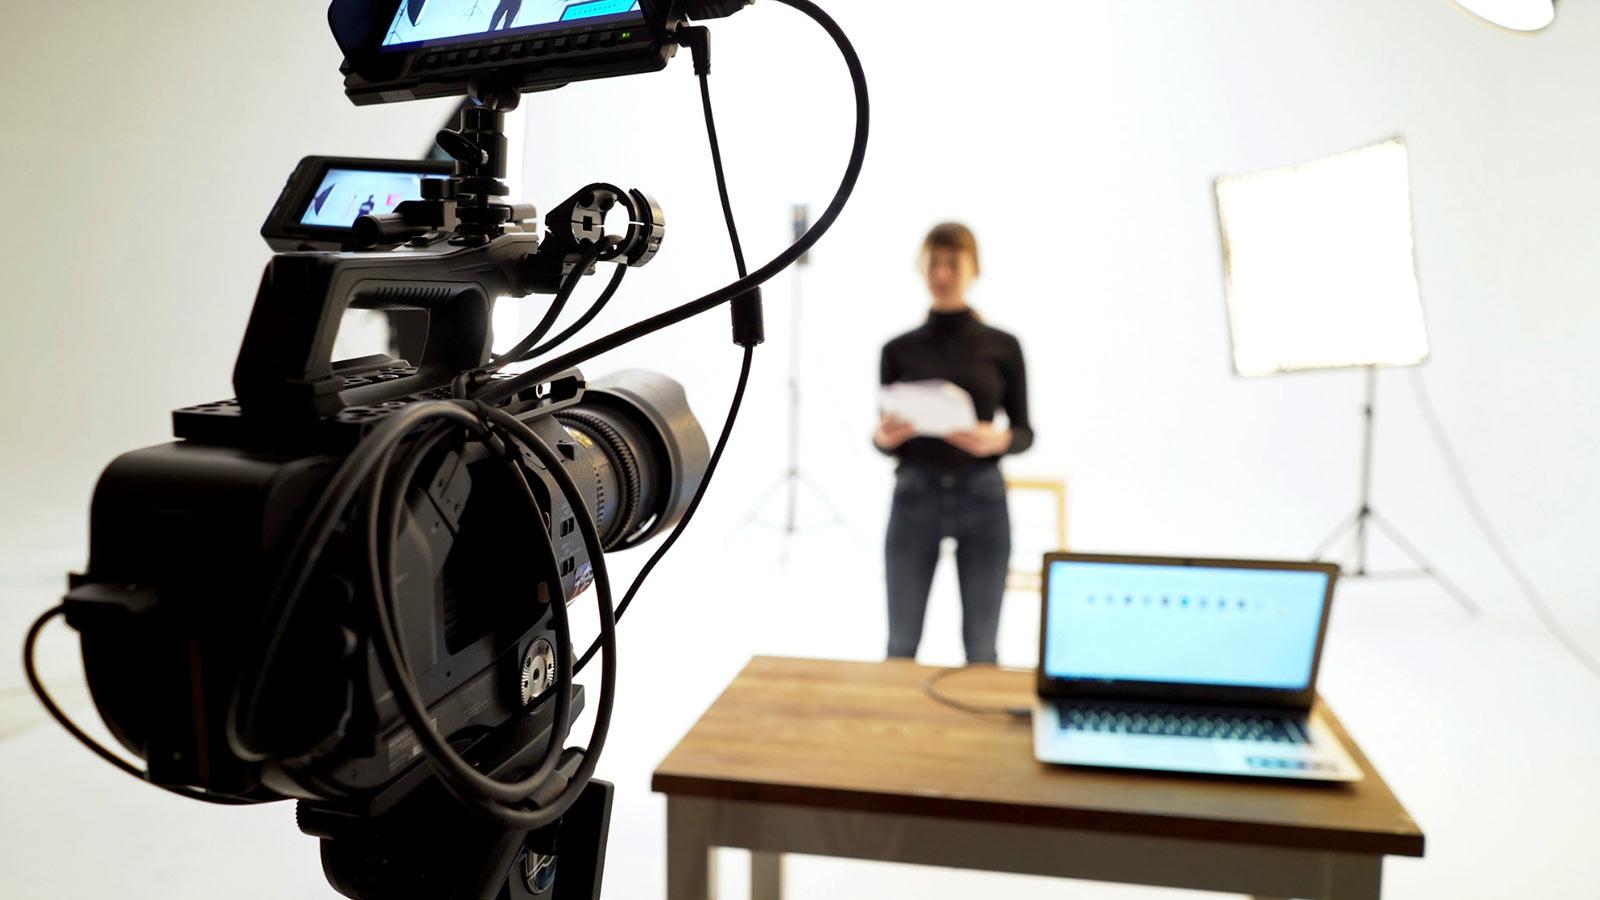 conheca 4 vantagens de fazer videos de propaganda 1a dumela - Conheça 4 vantagens de fazer vídeos de propaganda!